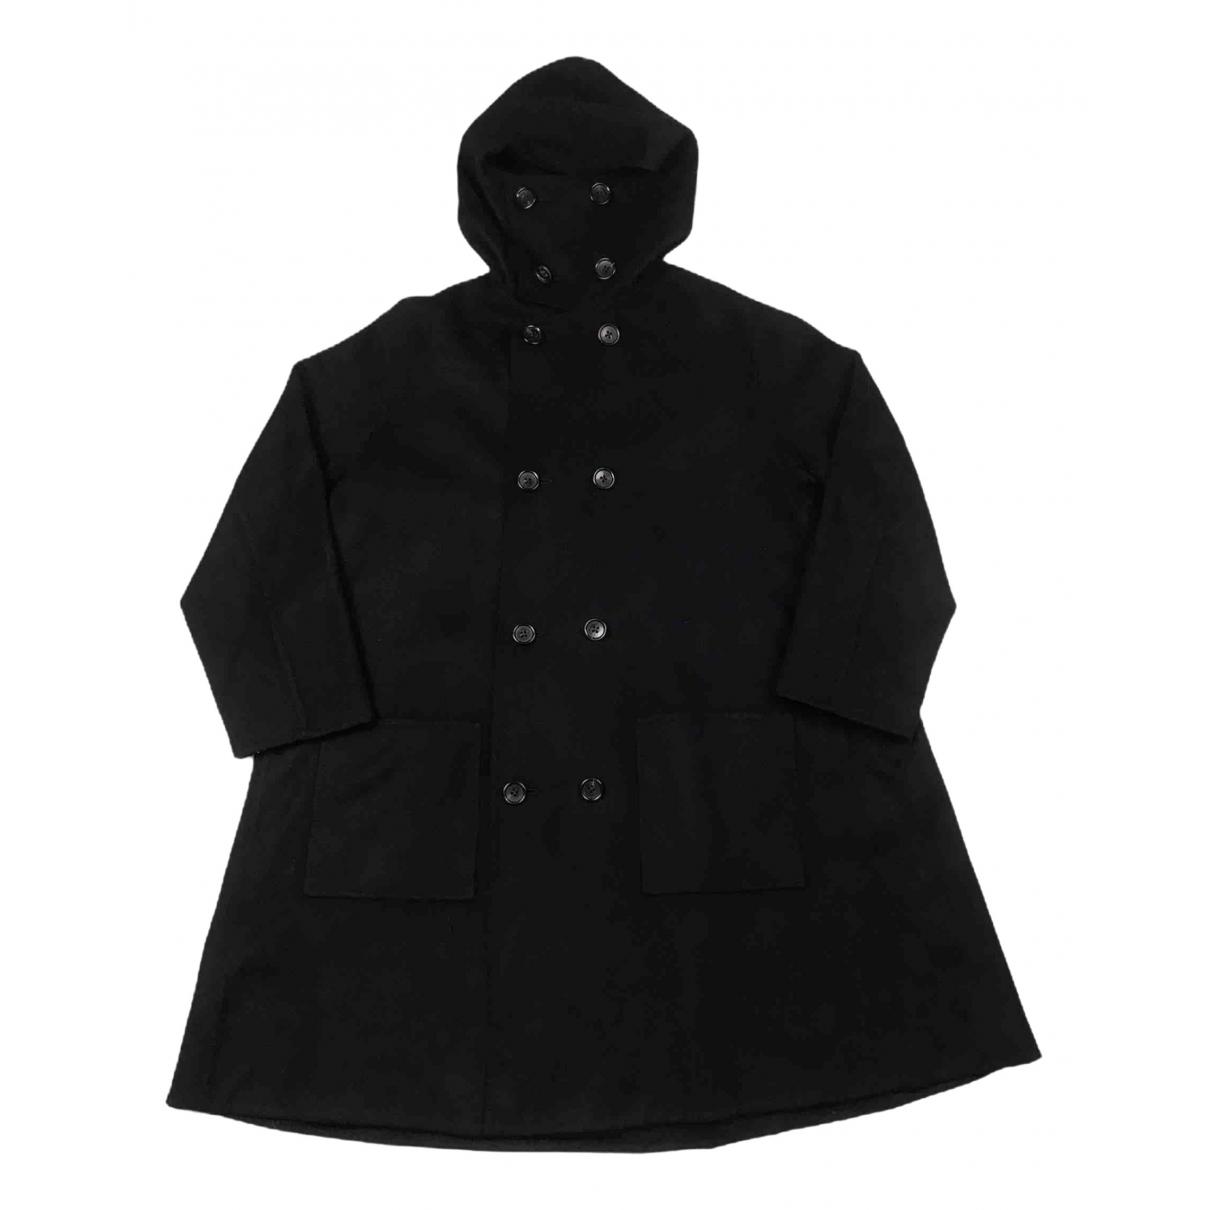 Yohji Yamamoto \N Jacke in  Schwarz Wolle